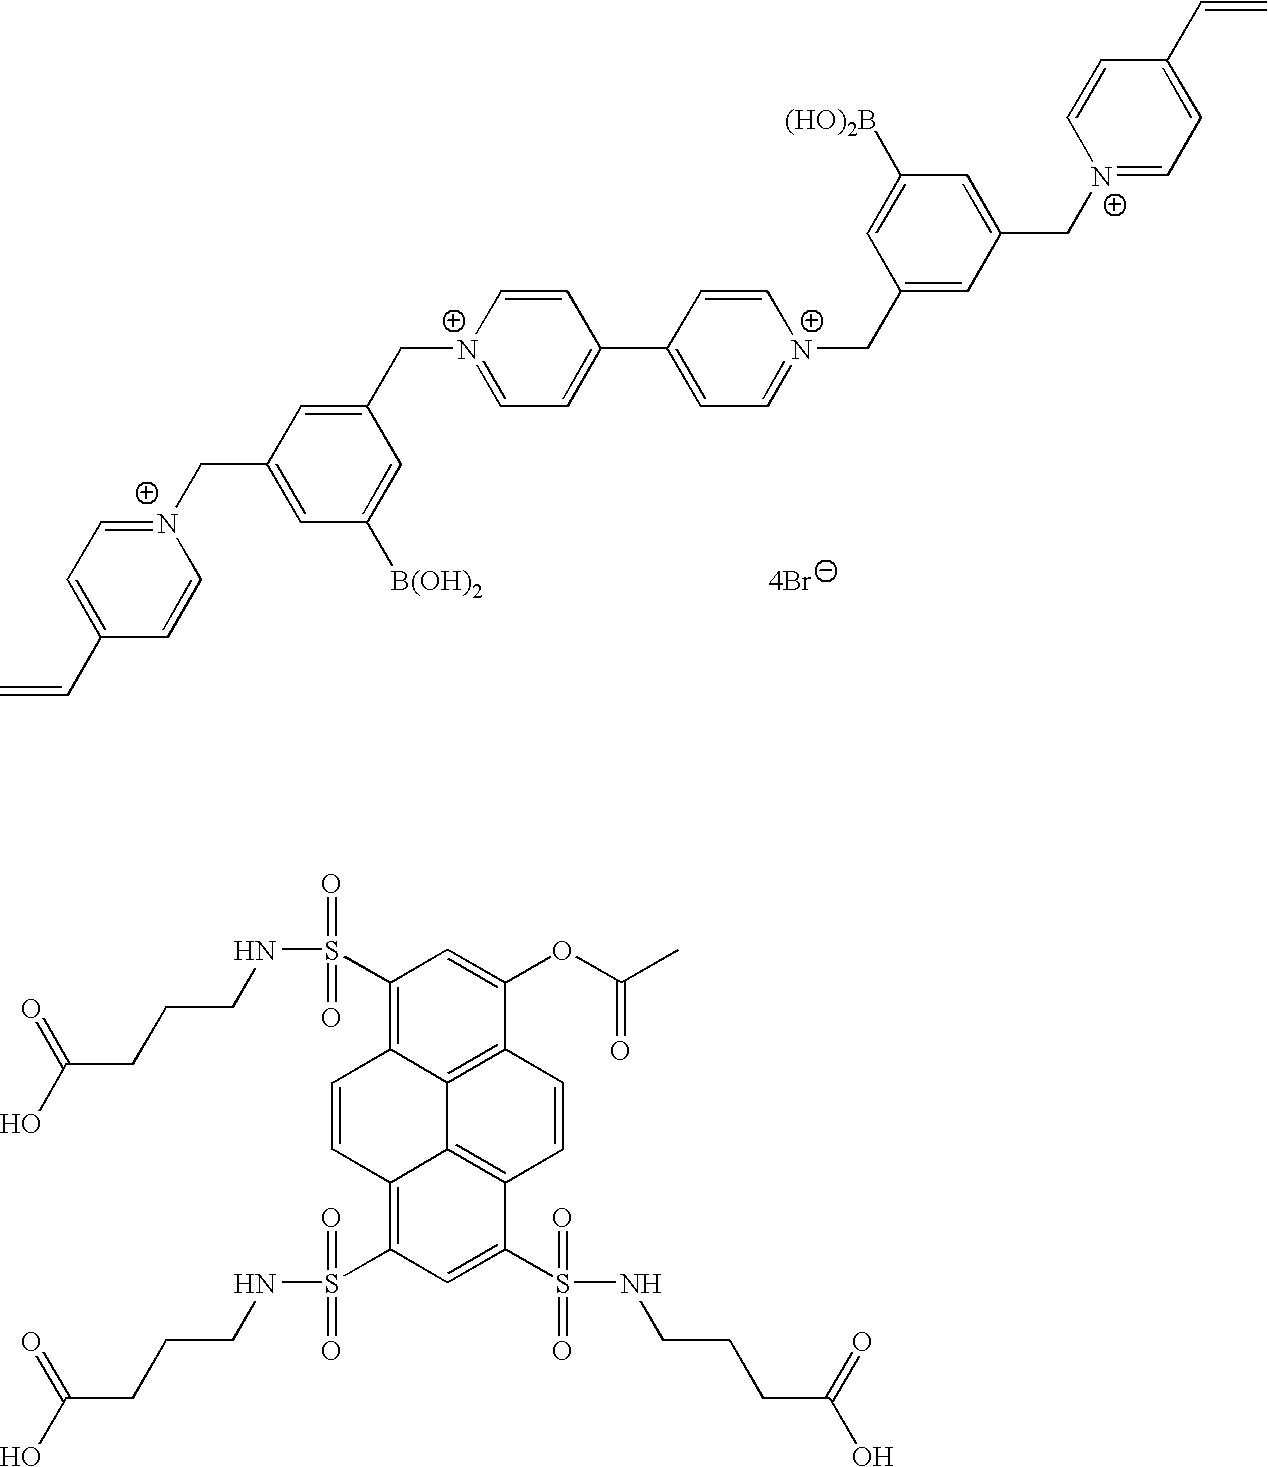 Figure US20060083688A1-20060420-C00028